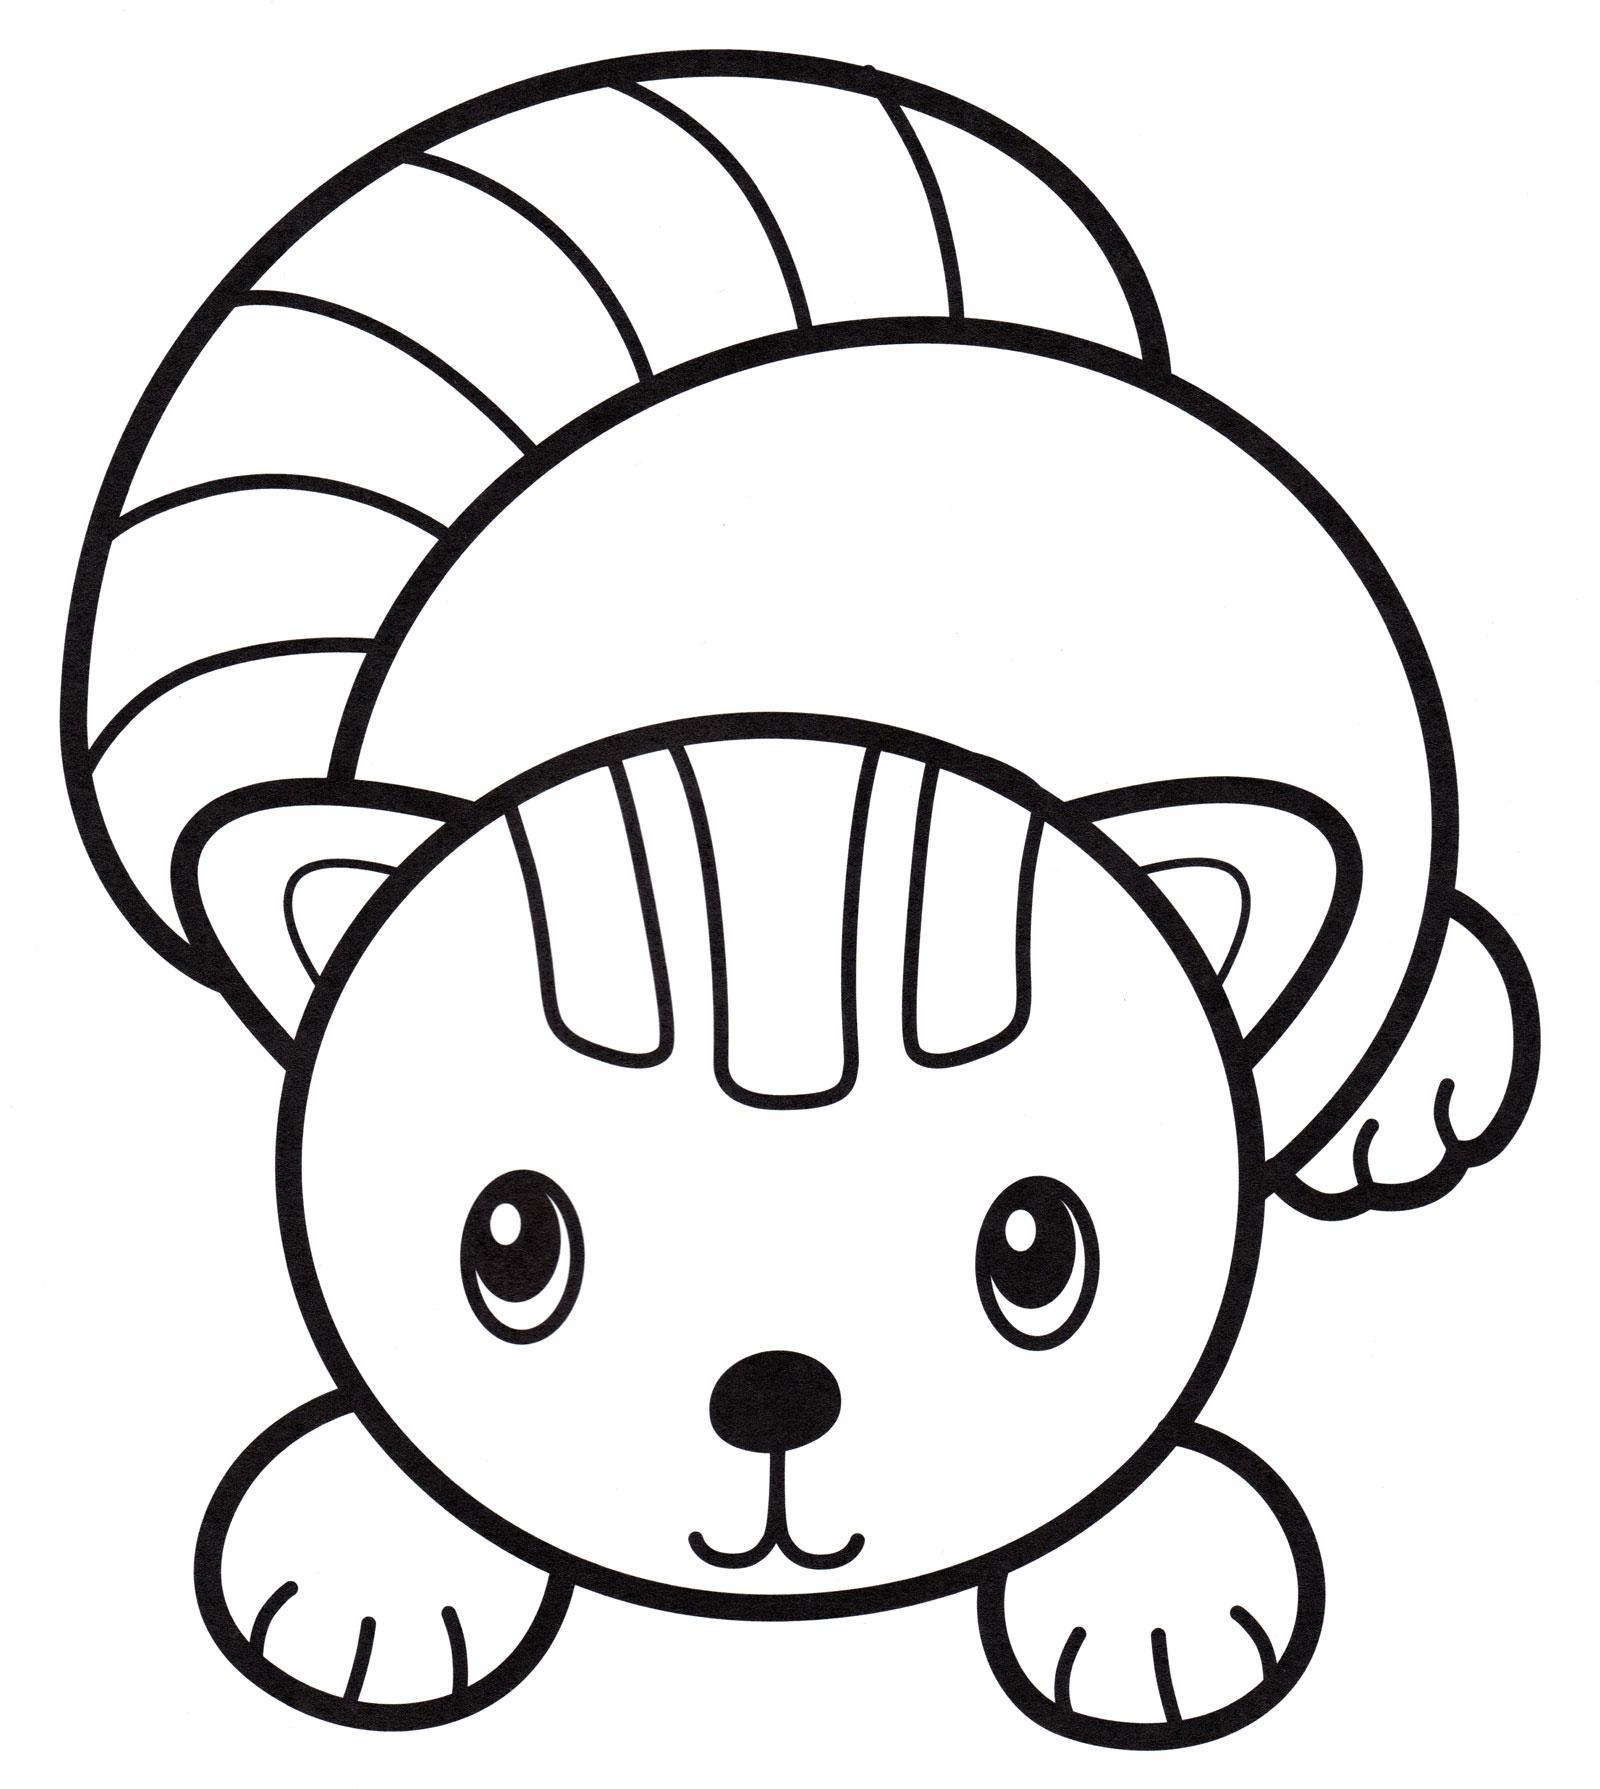 Раскраска Маленький котик - распечатать бесплатно